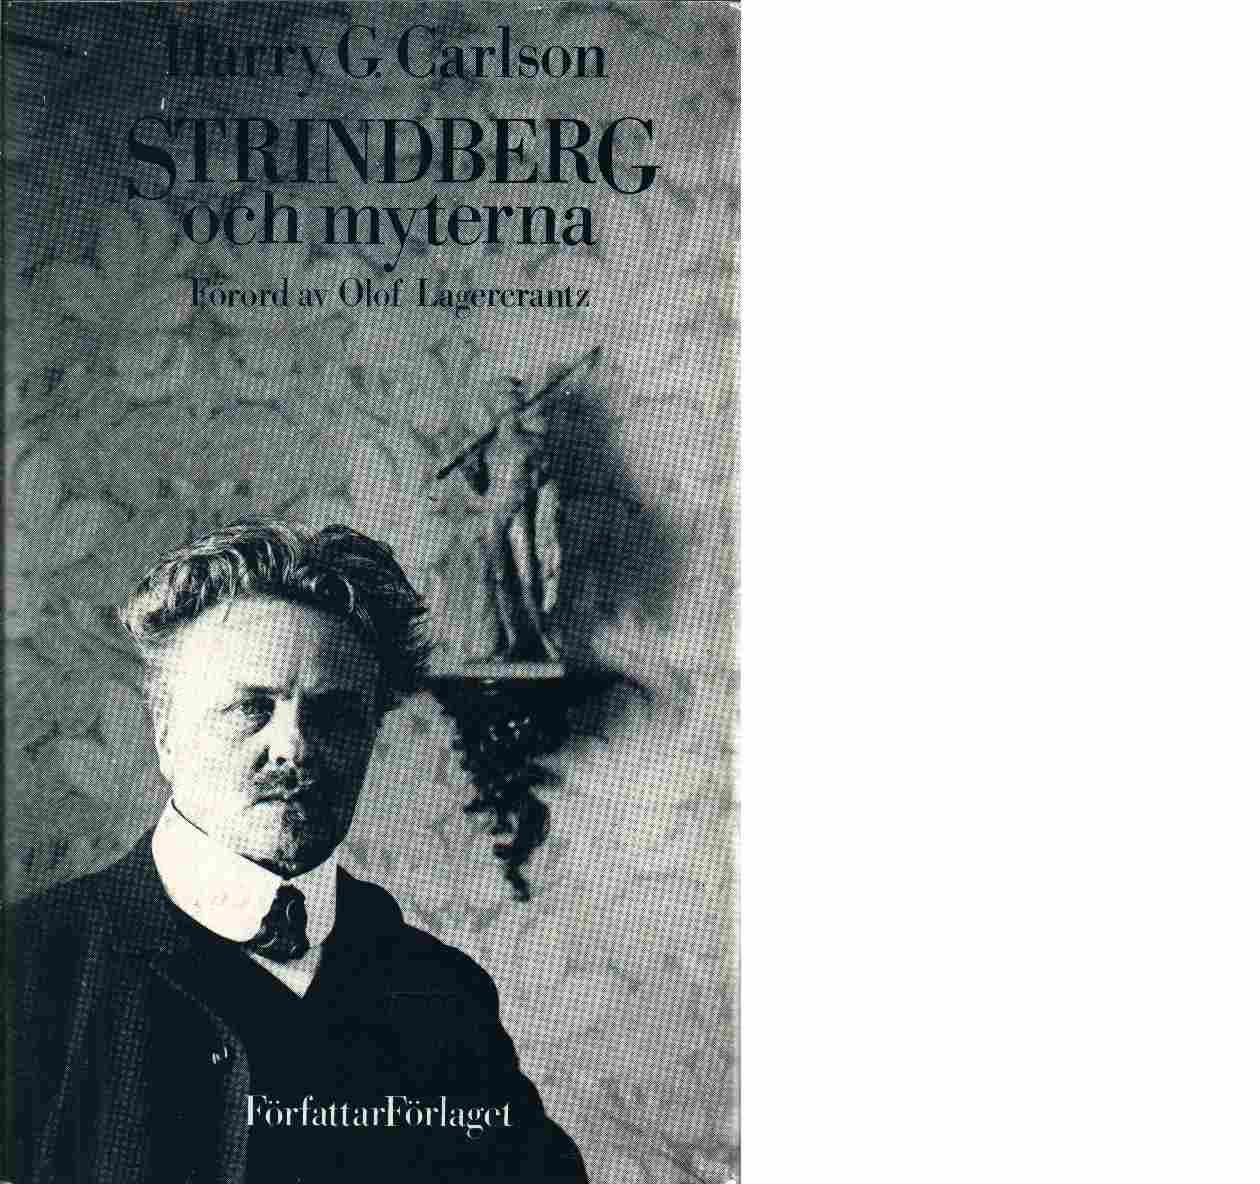 Strindberg och myterna - Carlson, Harry Gilbert